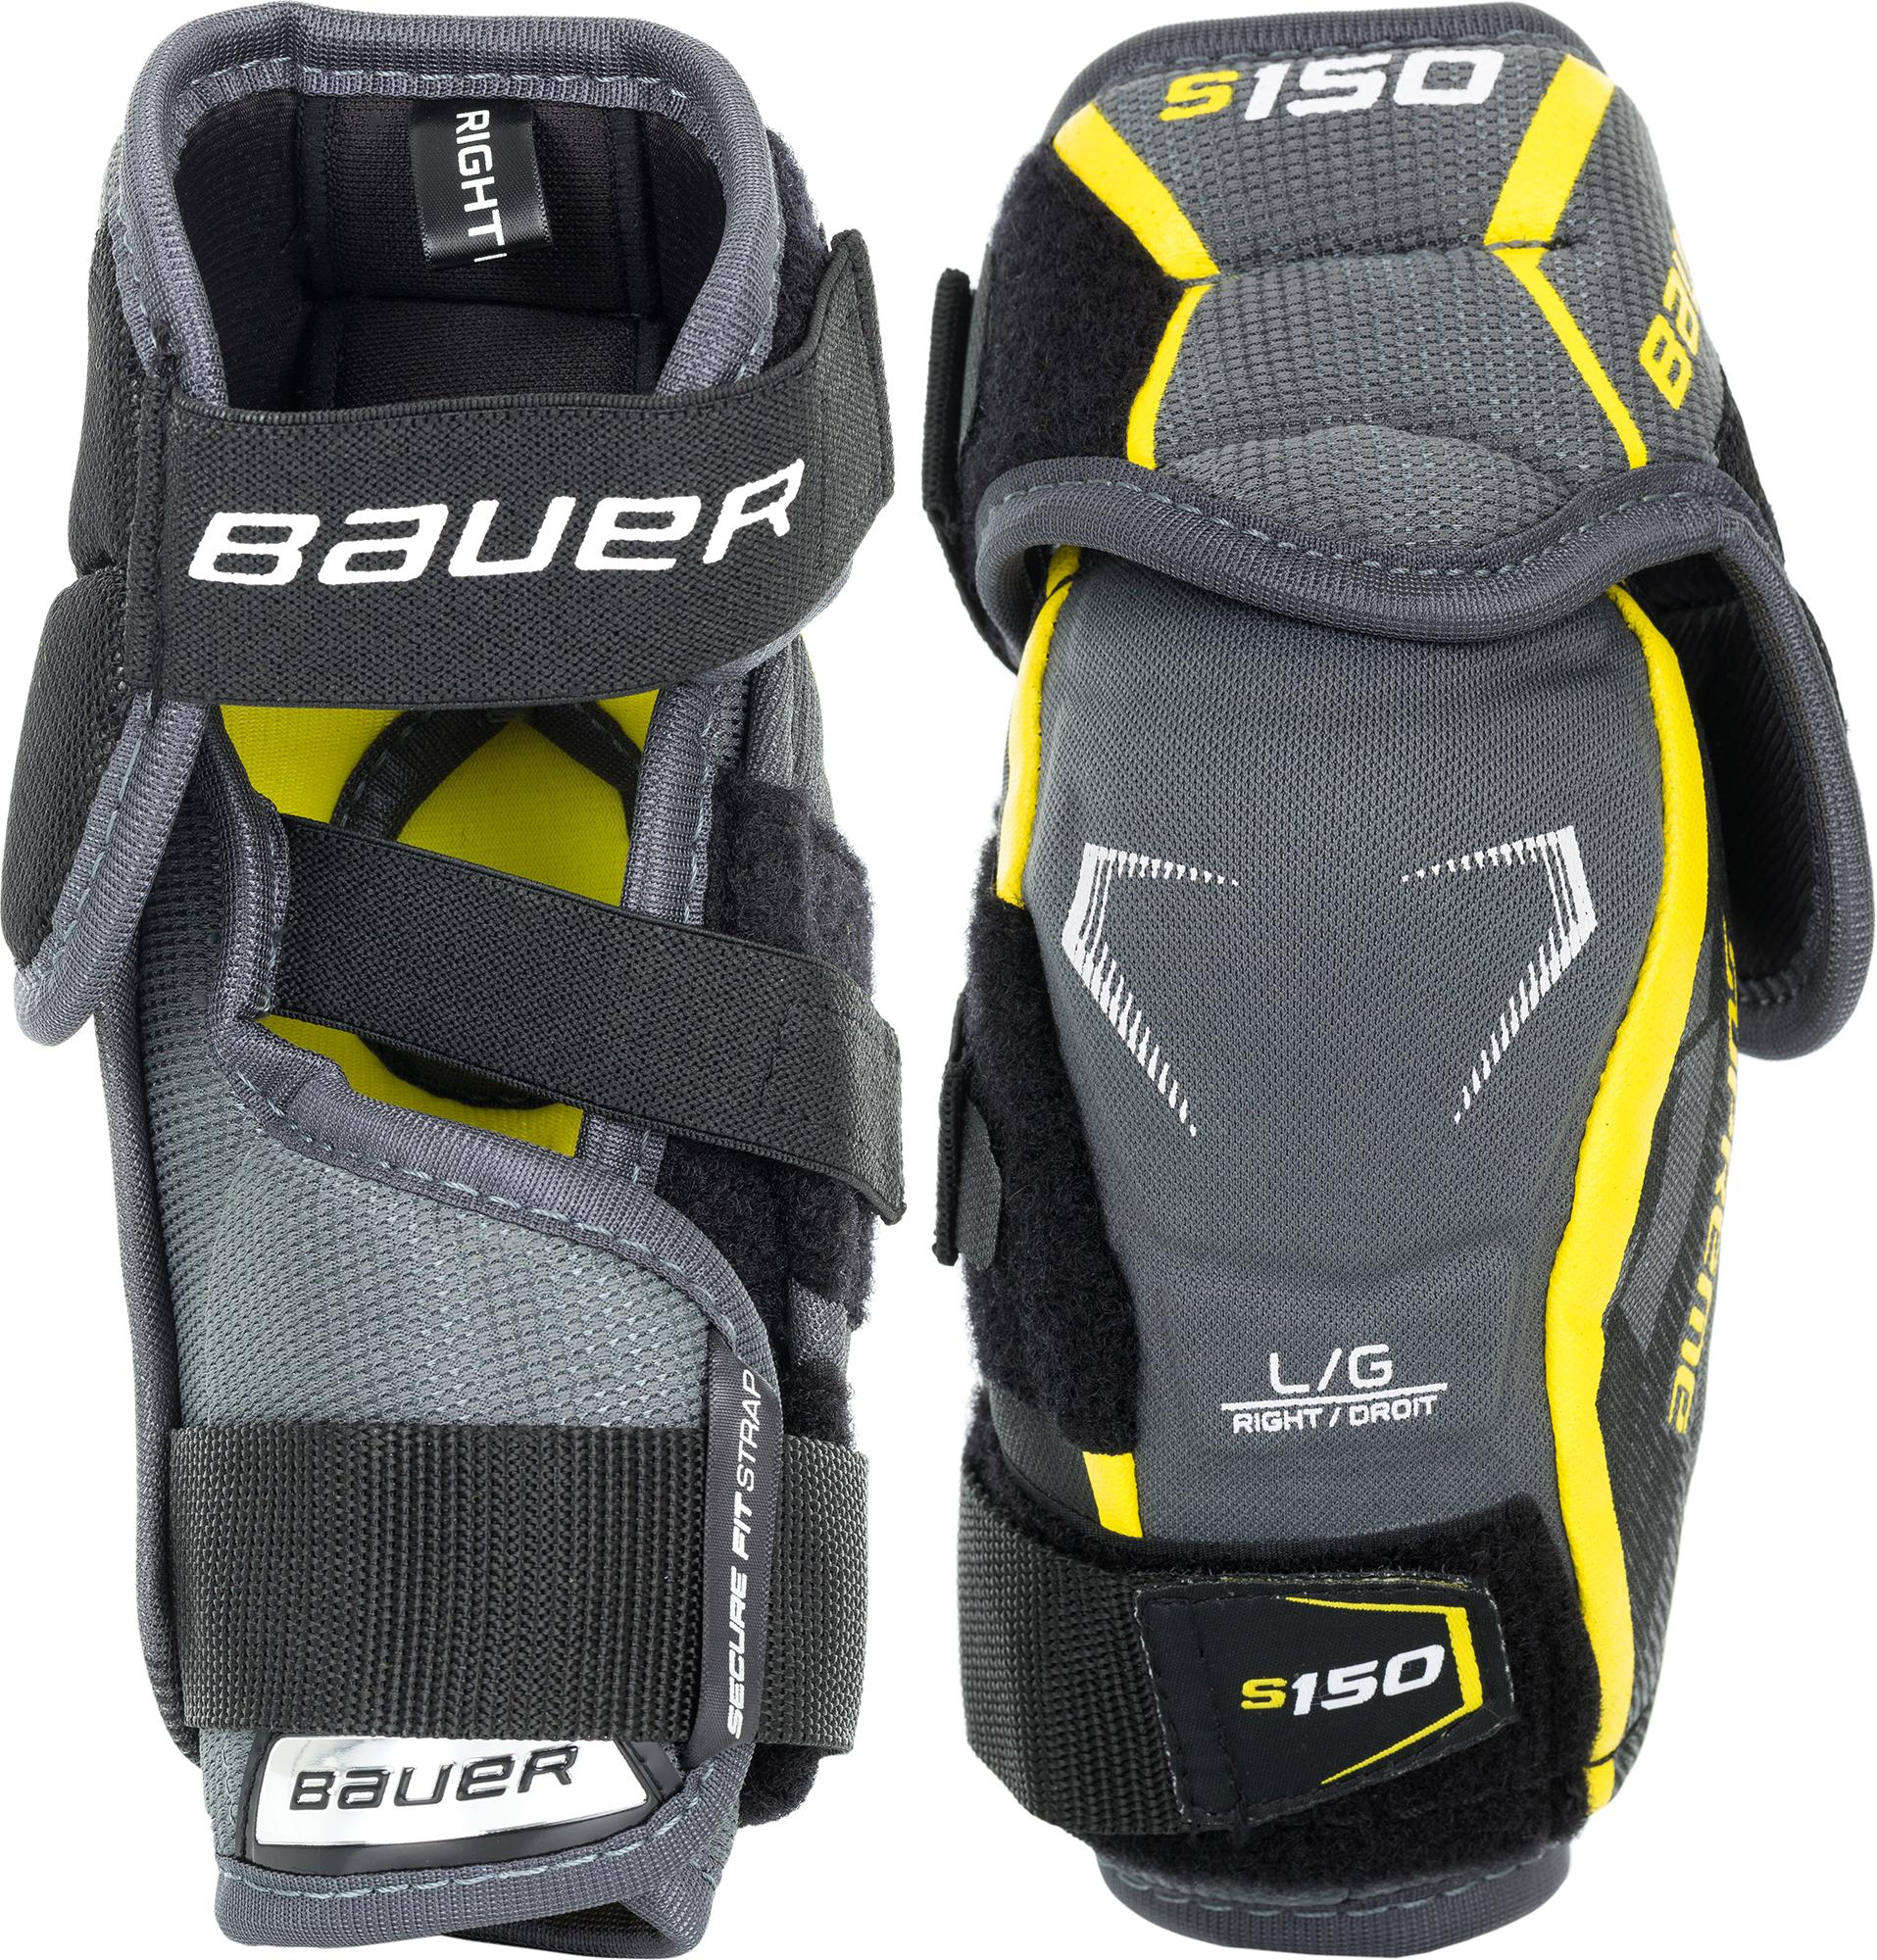 Bauer Налокотники хоккейные детские S17 Supreme S150